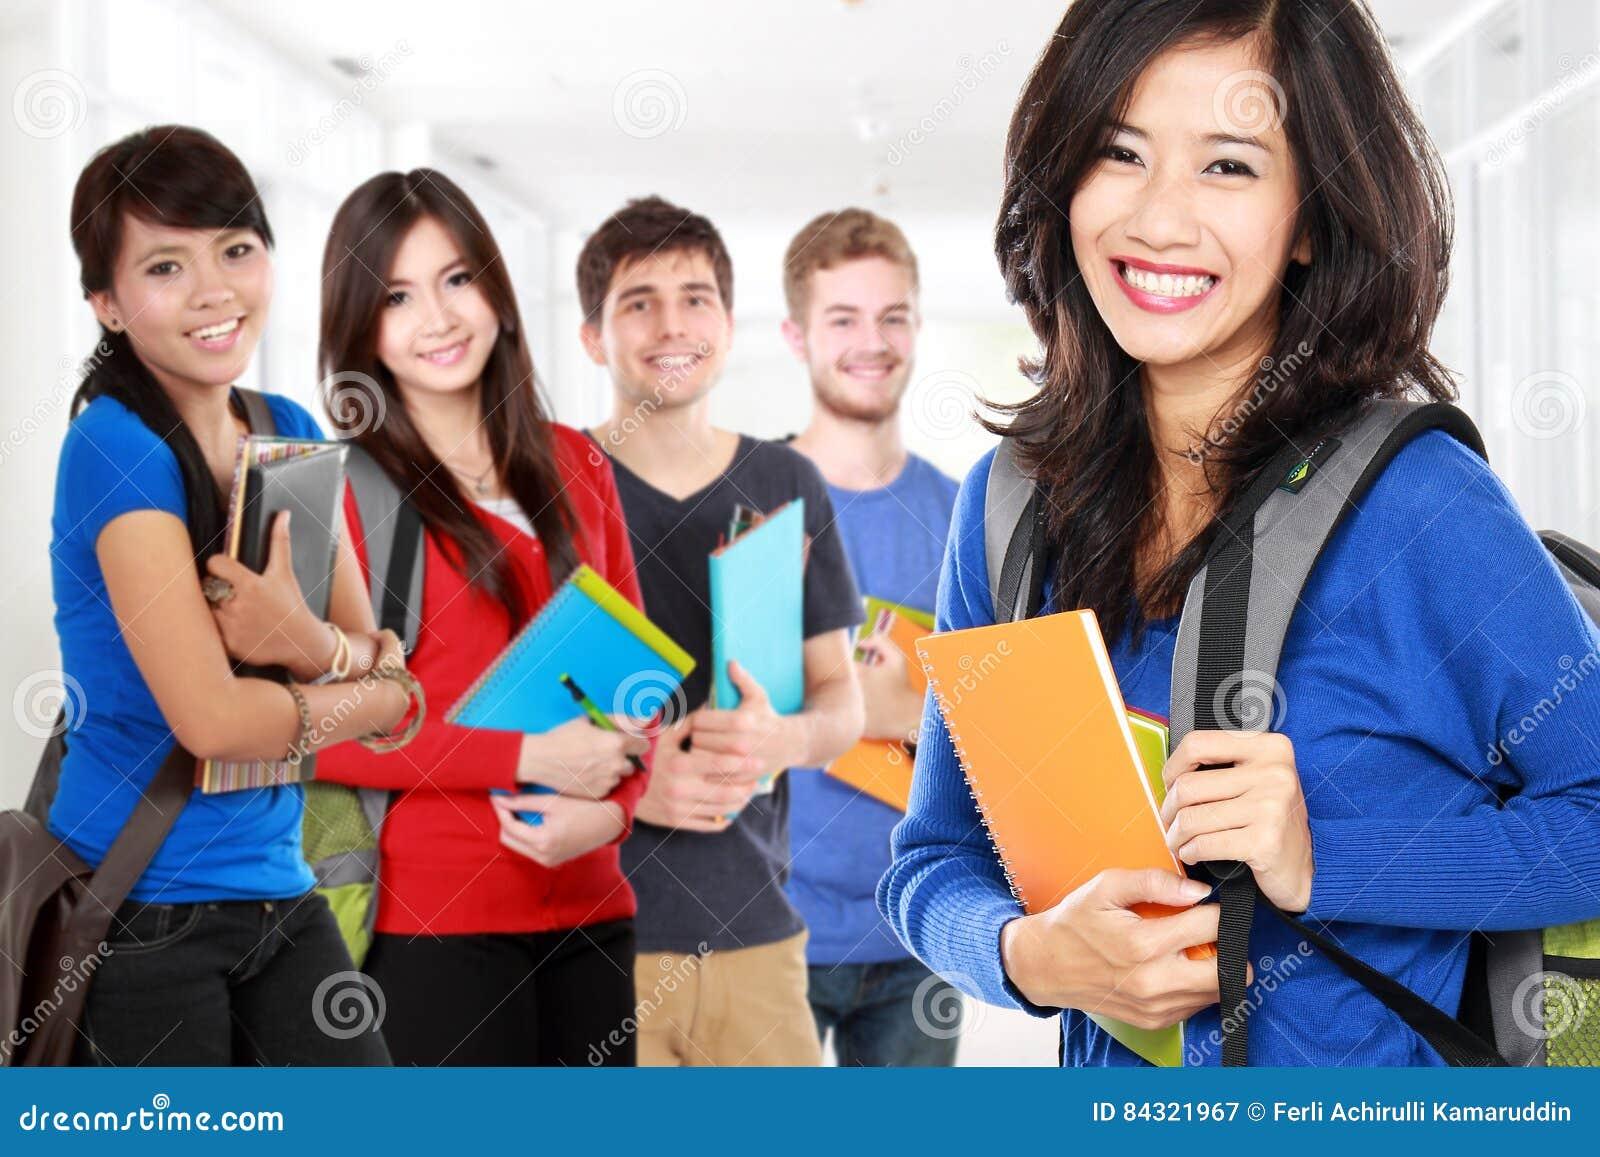 Studentessa ed amici che sorridono alla macchina fotografica